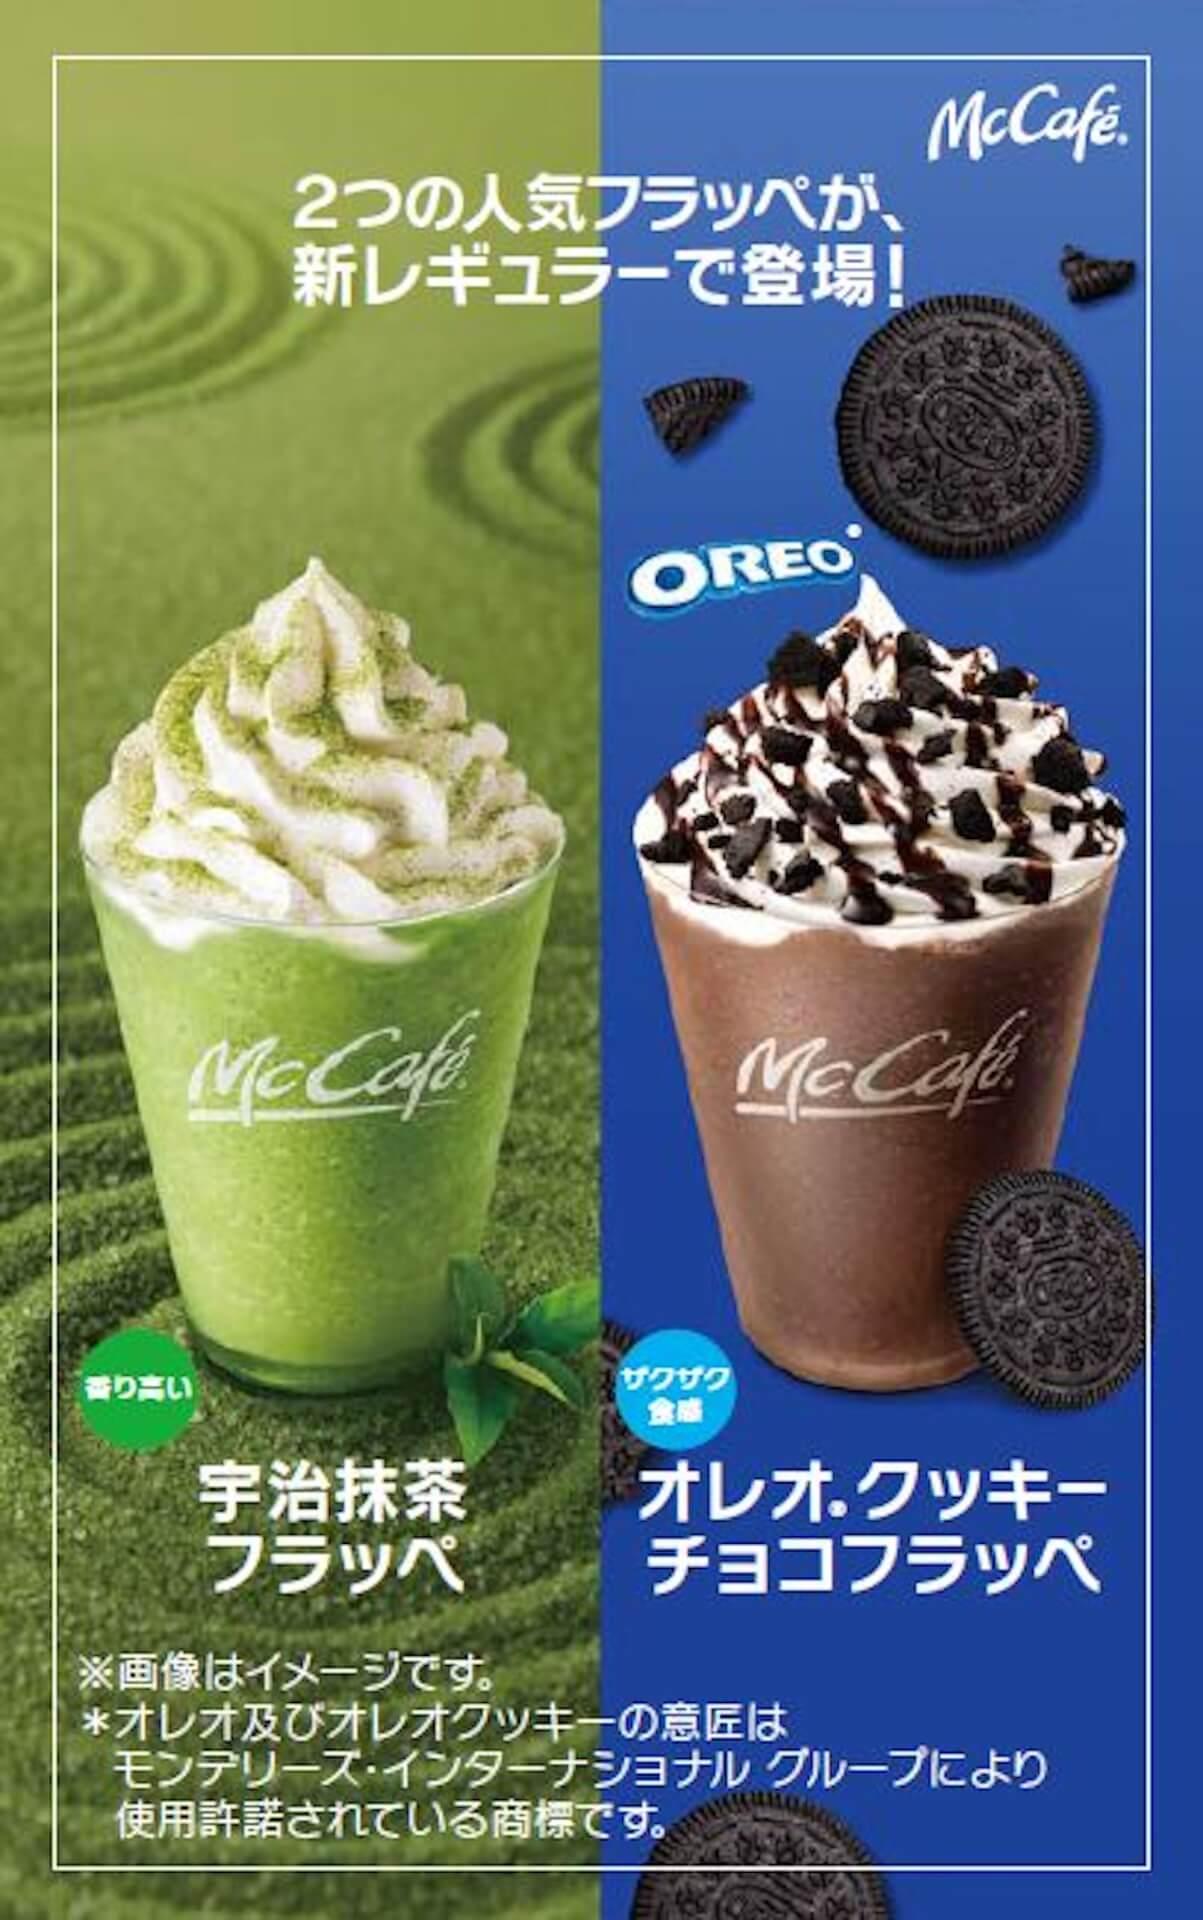 マックカフェで「オレオ® クッキー チョコフラッペ」「宇治抹茶フラッペ」の2種類がレギュラー商品に! gourmet210526_mcdonald_frappe_5